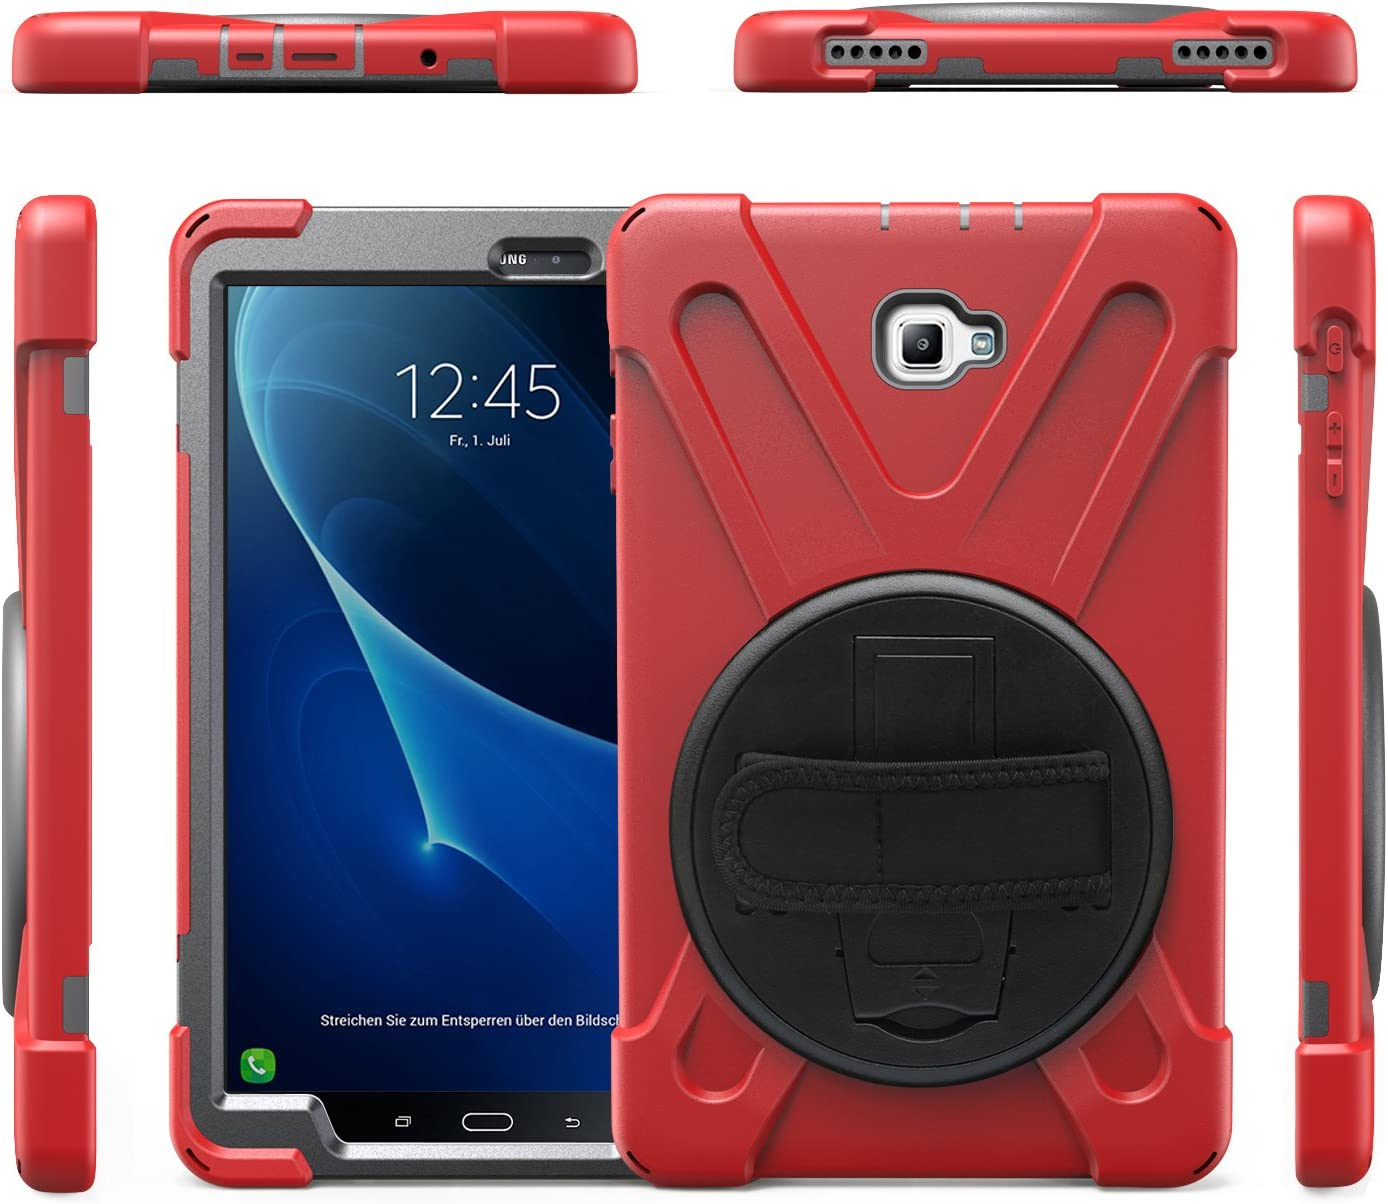 Carcasa Rugosa con Soporte Rotaci/ón Gerutek Funda Antica/ída para Samsung Galaxy Tab A 10.1 2019 Correa de Mano//Hombro Funda Antichoque para Galaxy Tab A Tablet 10.1 2019 Rojo SM-T510//SM-T515